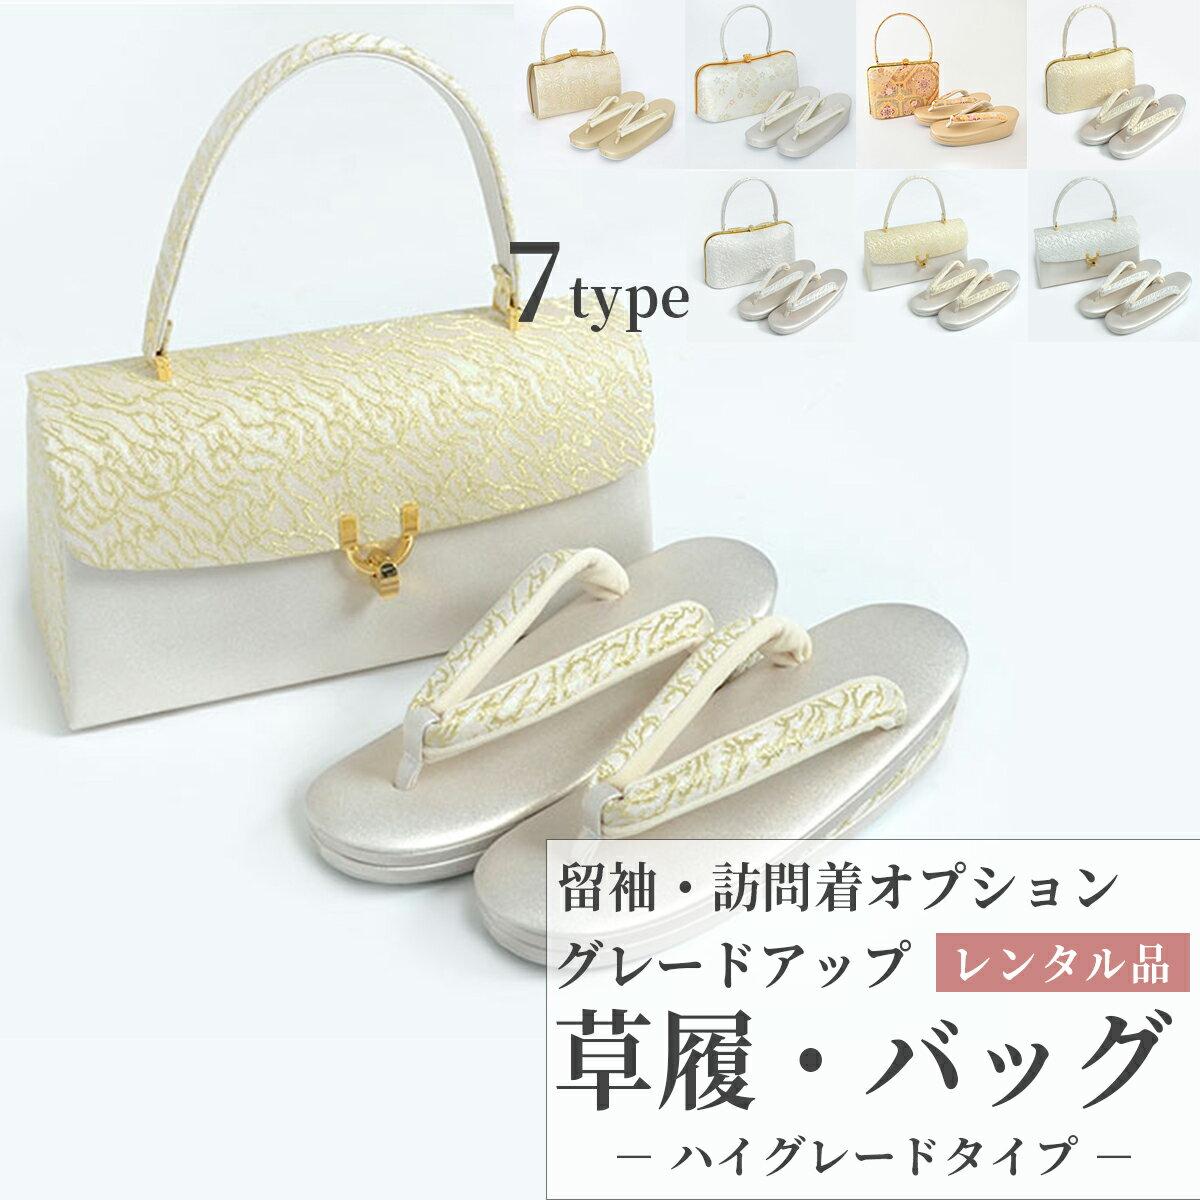 【同梱専用】日本製 グレードアップ草履バッグレンタル(サイズ22.0-24.5)【単品レンタル不可】